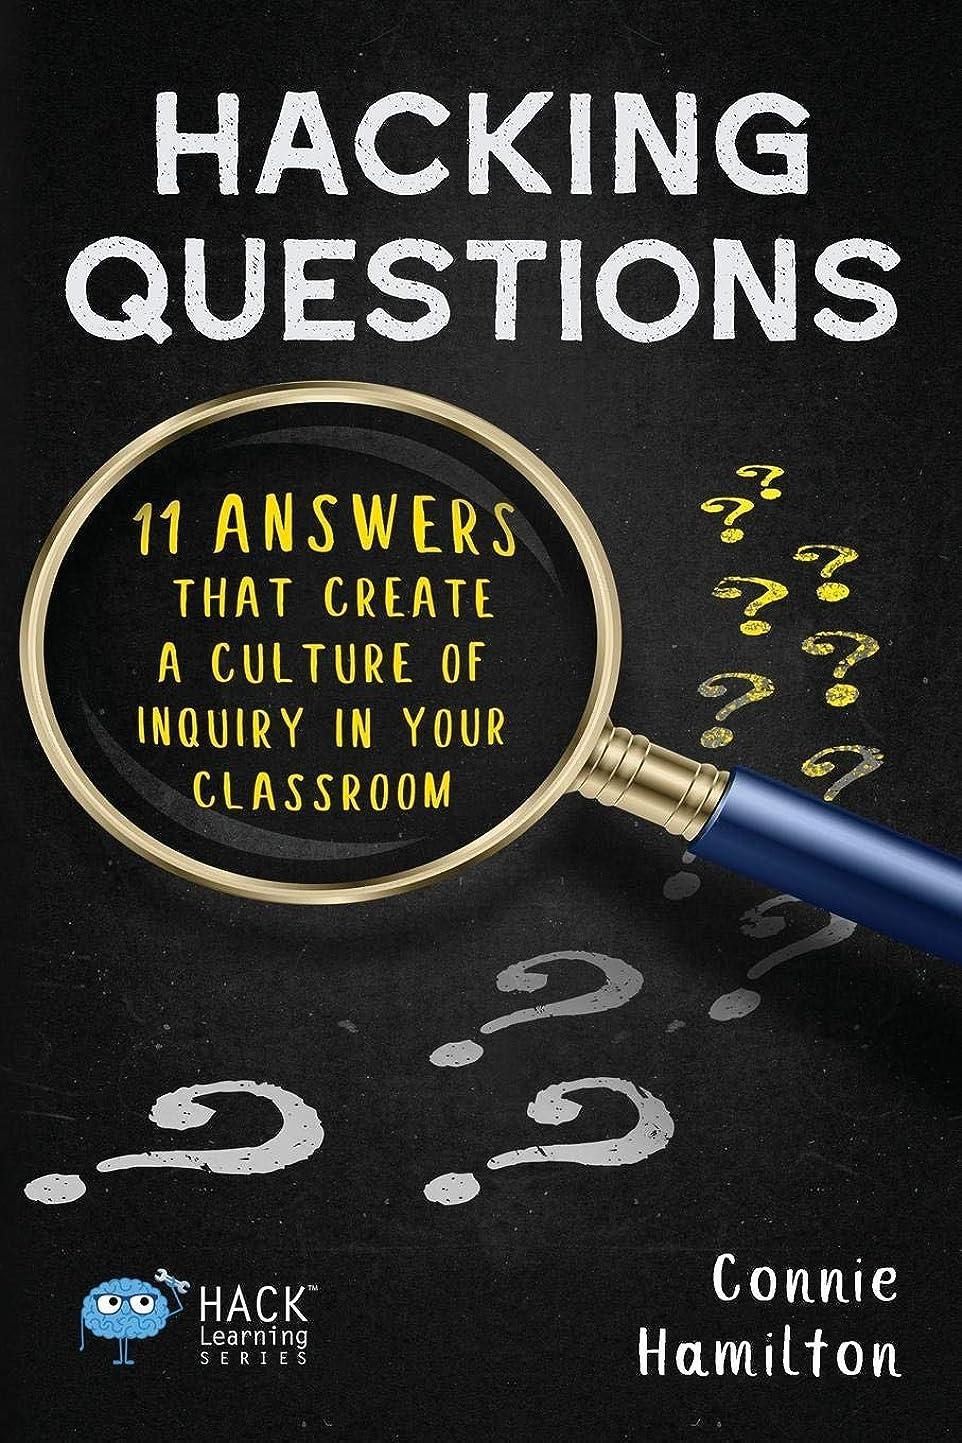 子一口裁量Hacking Questions: 11 Answers That Create a Culture of Inquiry in Your Classroom (Hack Learning Series)